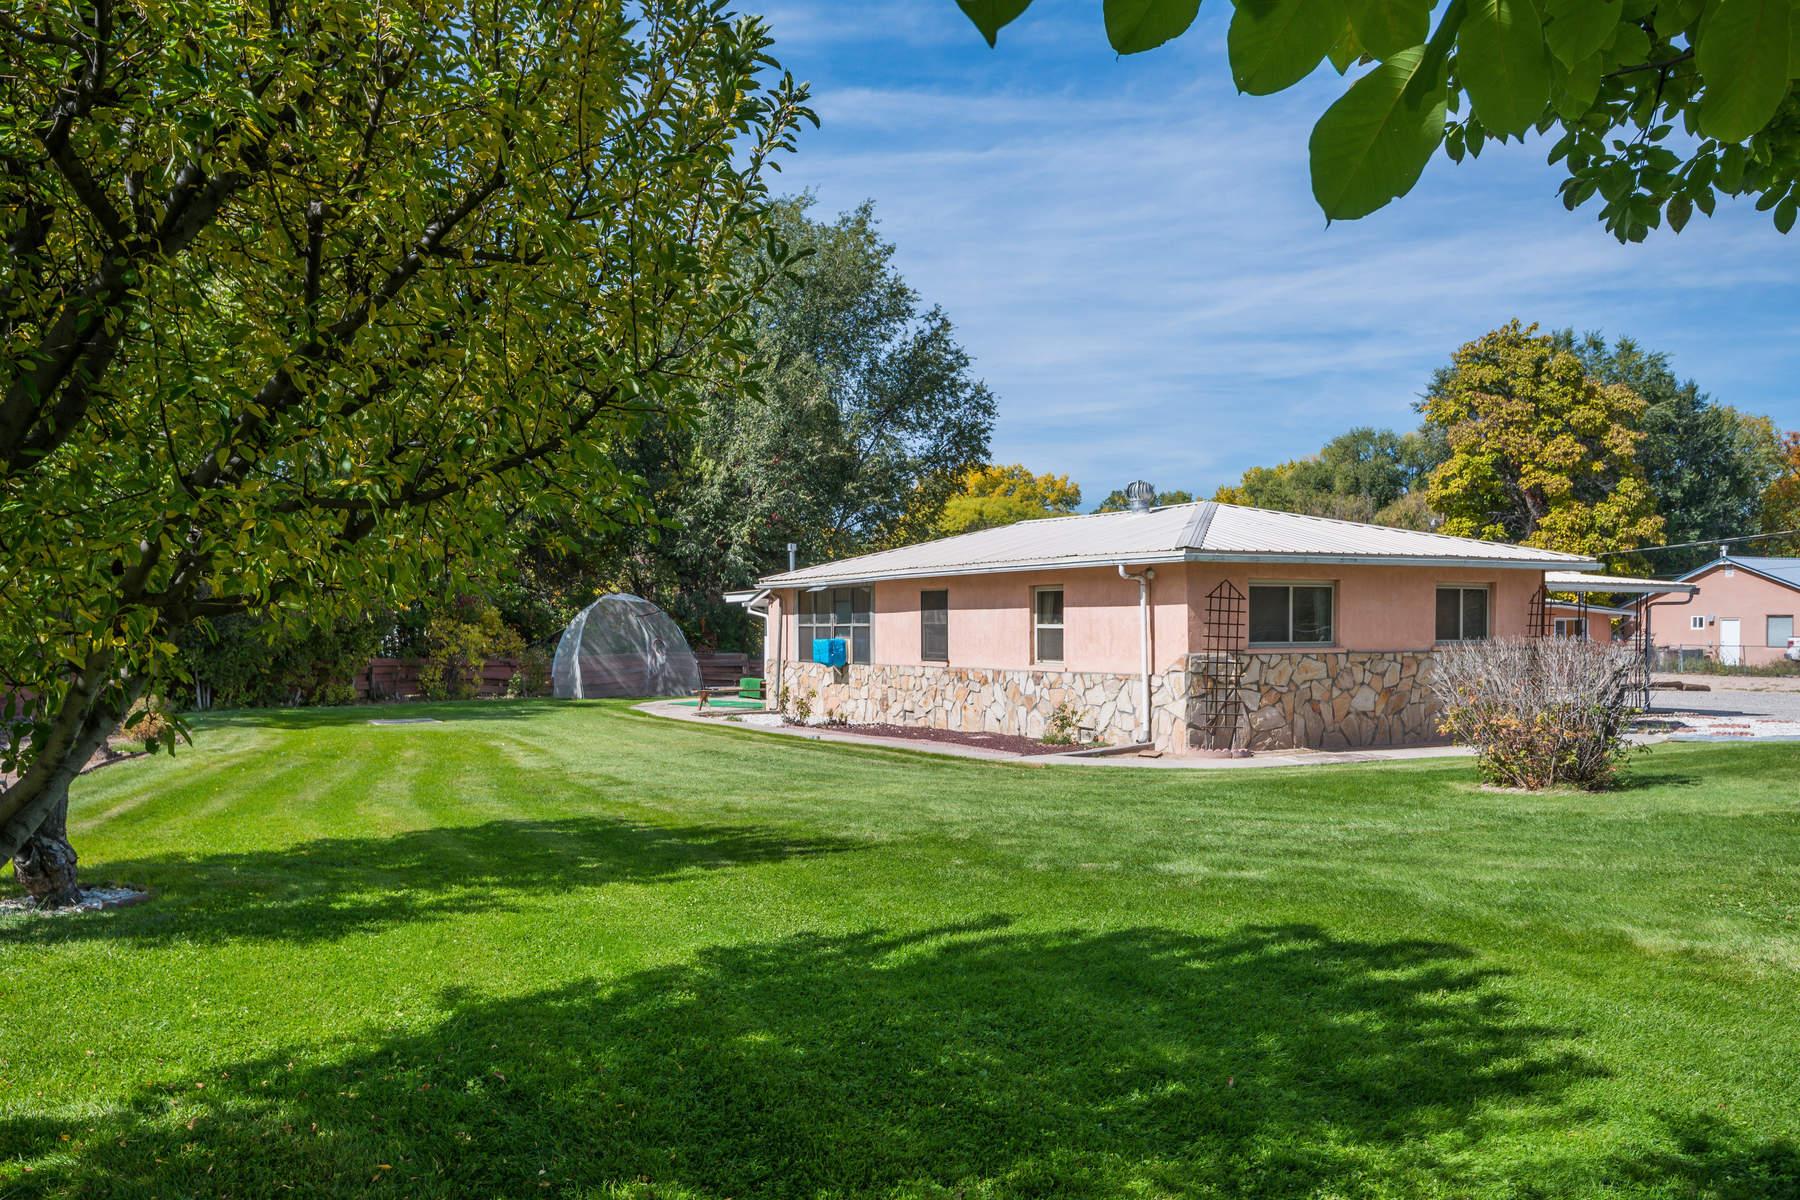 Casa Unifamiliar por un Venta en 714 S. McCurdy Road 714 S Mccurdy Rd, Espanola, Nuevo Mexico, 87532 Estados Unidos